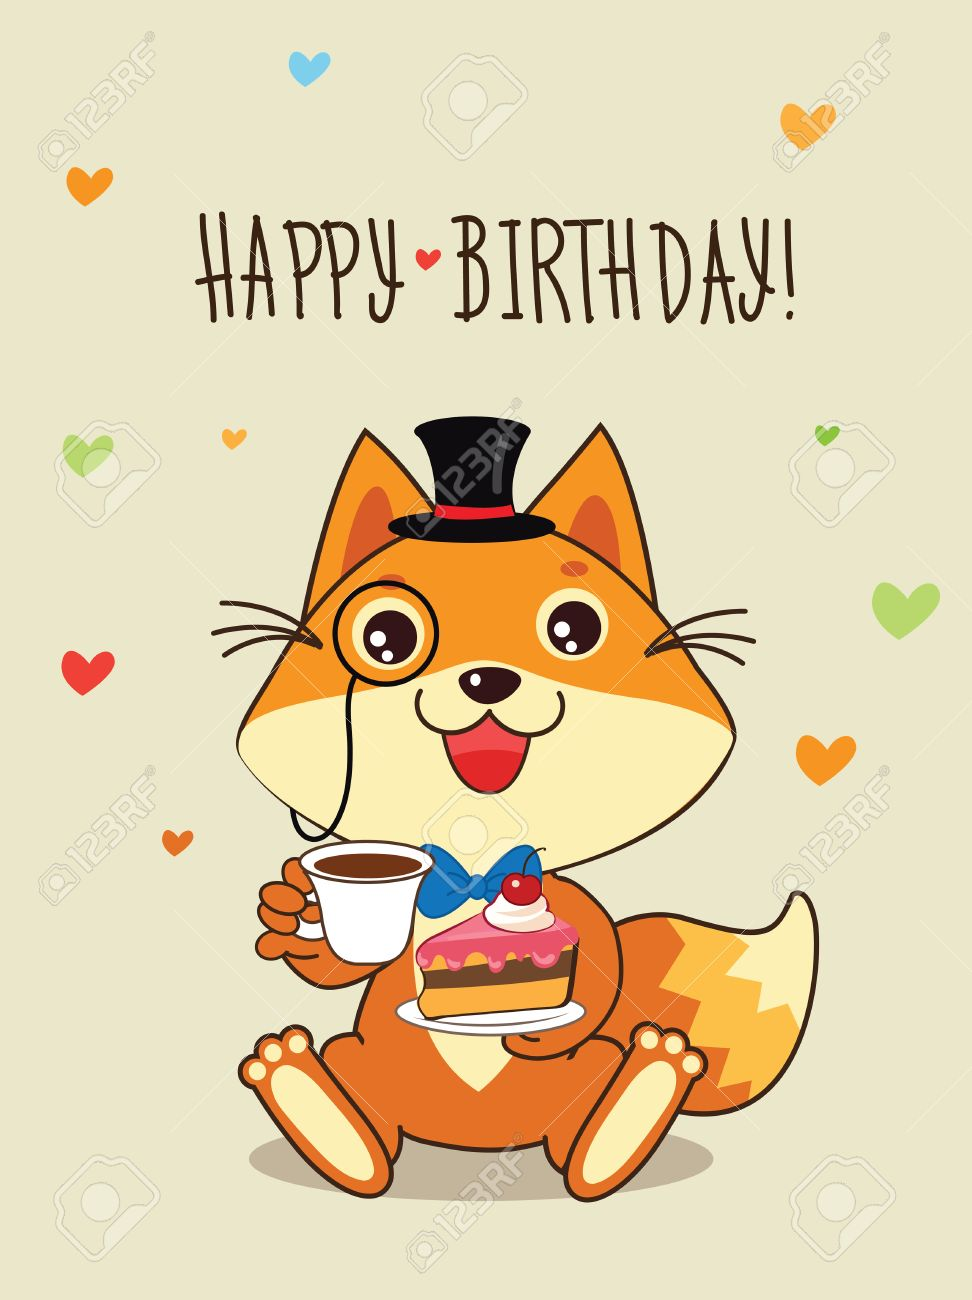 お誕生日おめでとうカードおかしい狐山高帽と彼の手でケーキ。ベクトル